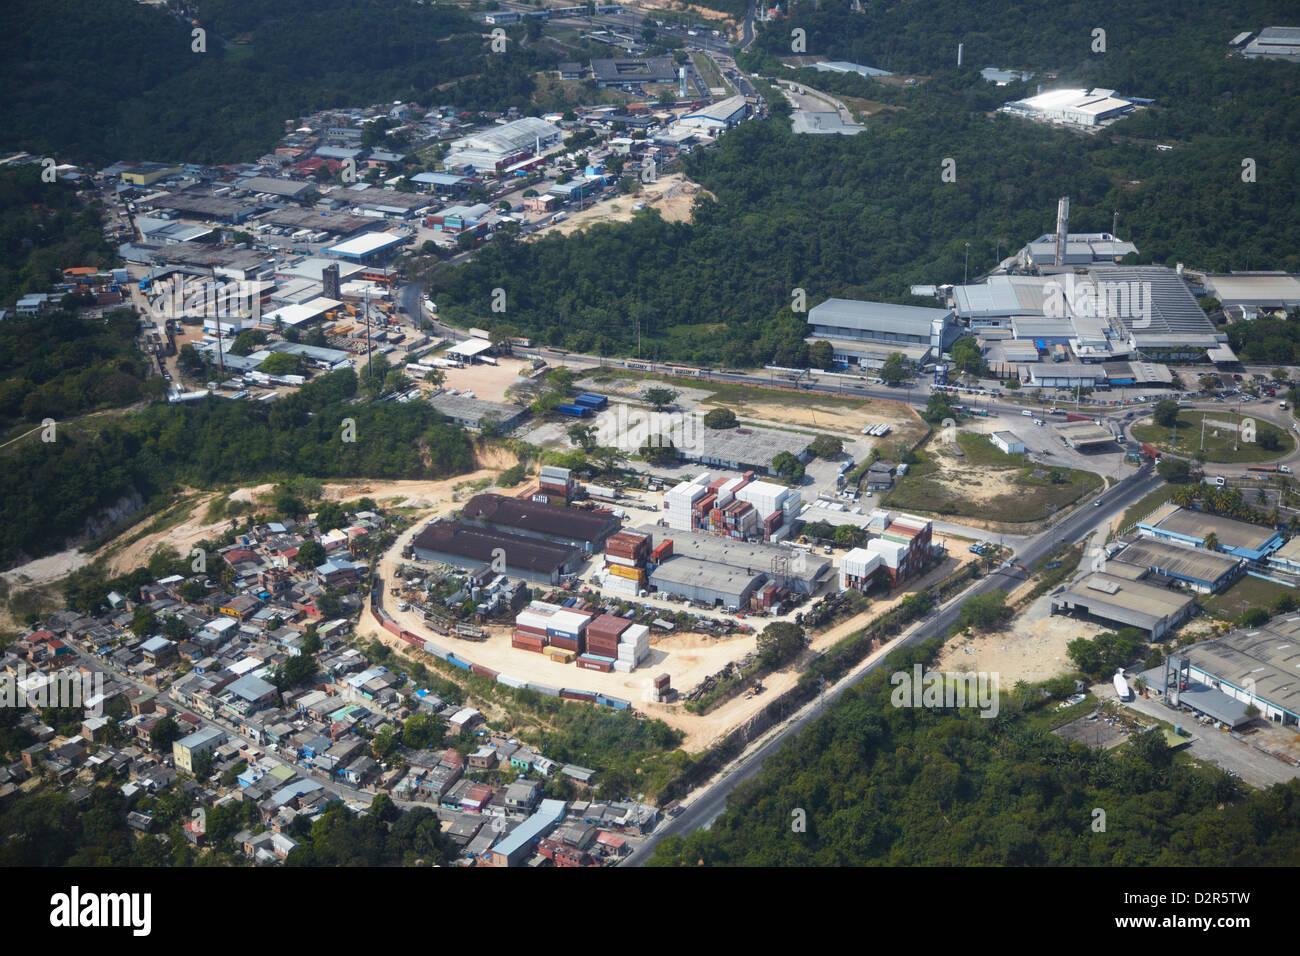 Vista aérea del polígono industrial, Manaus, Amazonas, Brasil, América del Sur Imagen De Stock